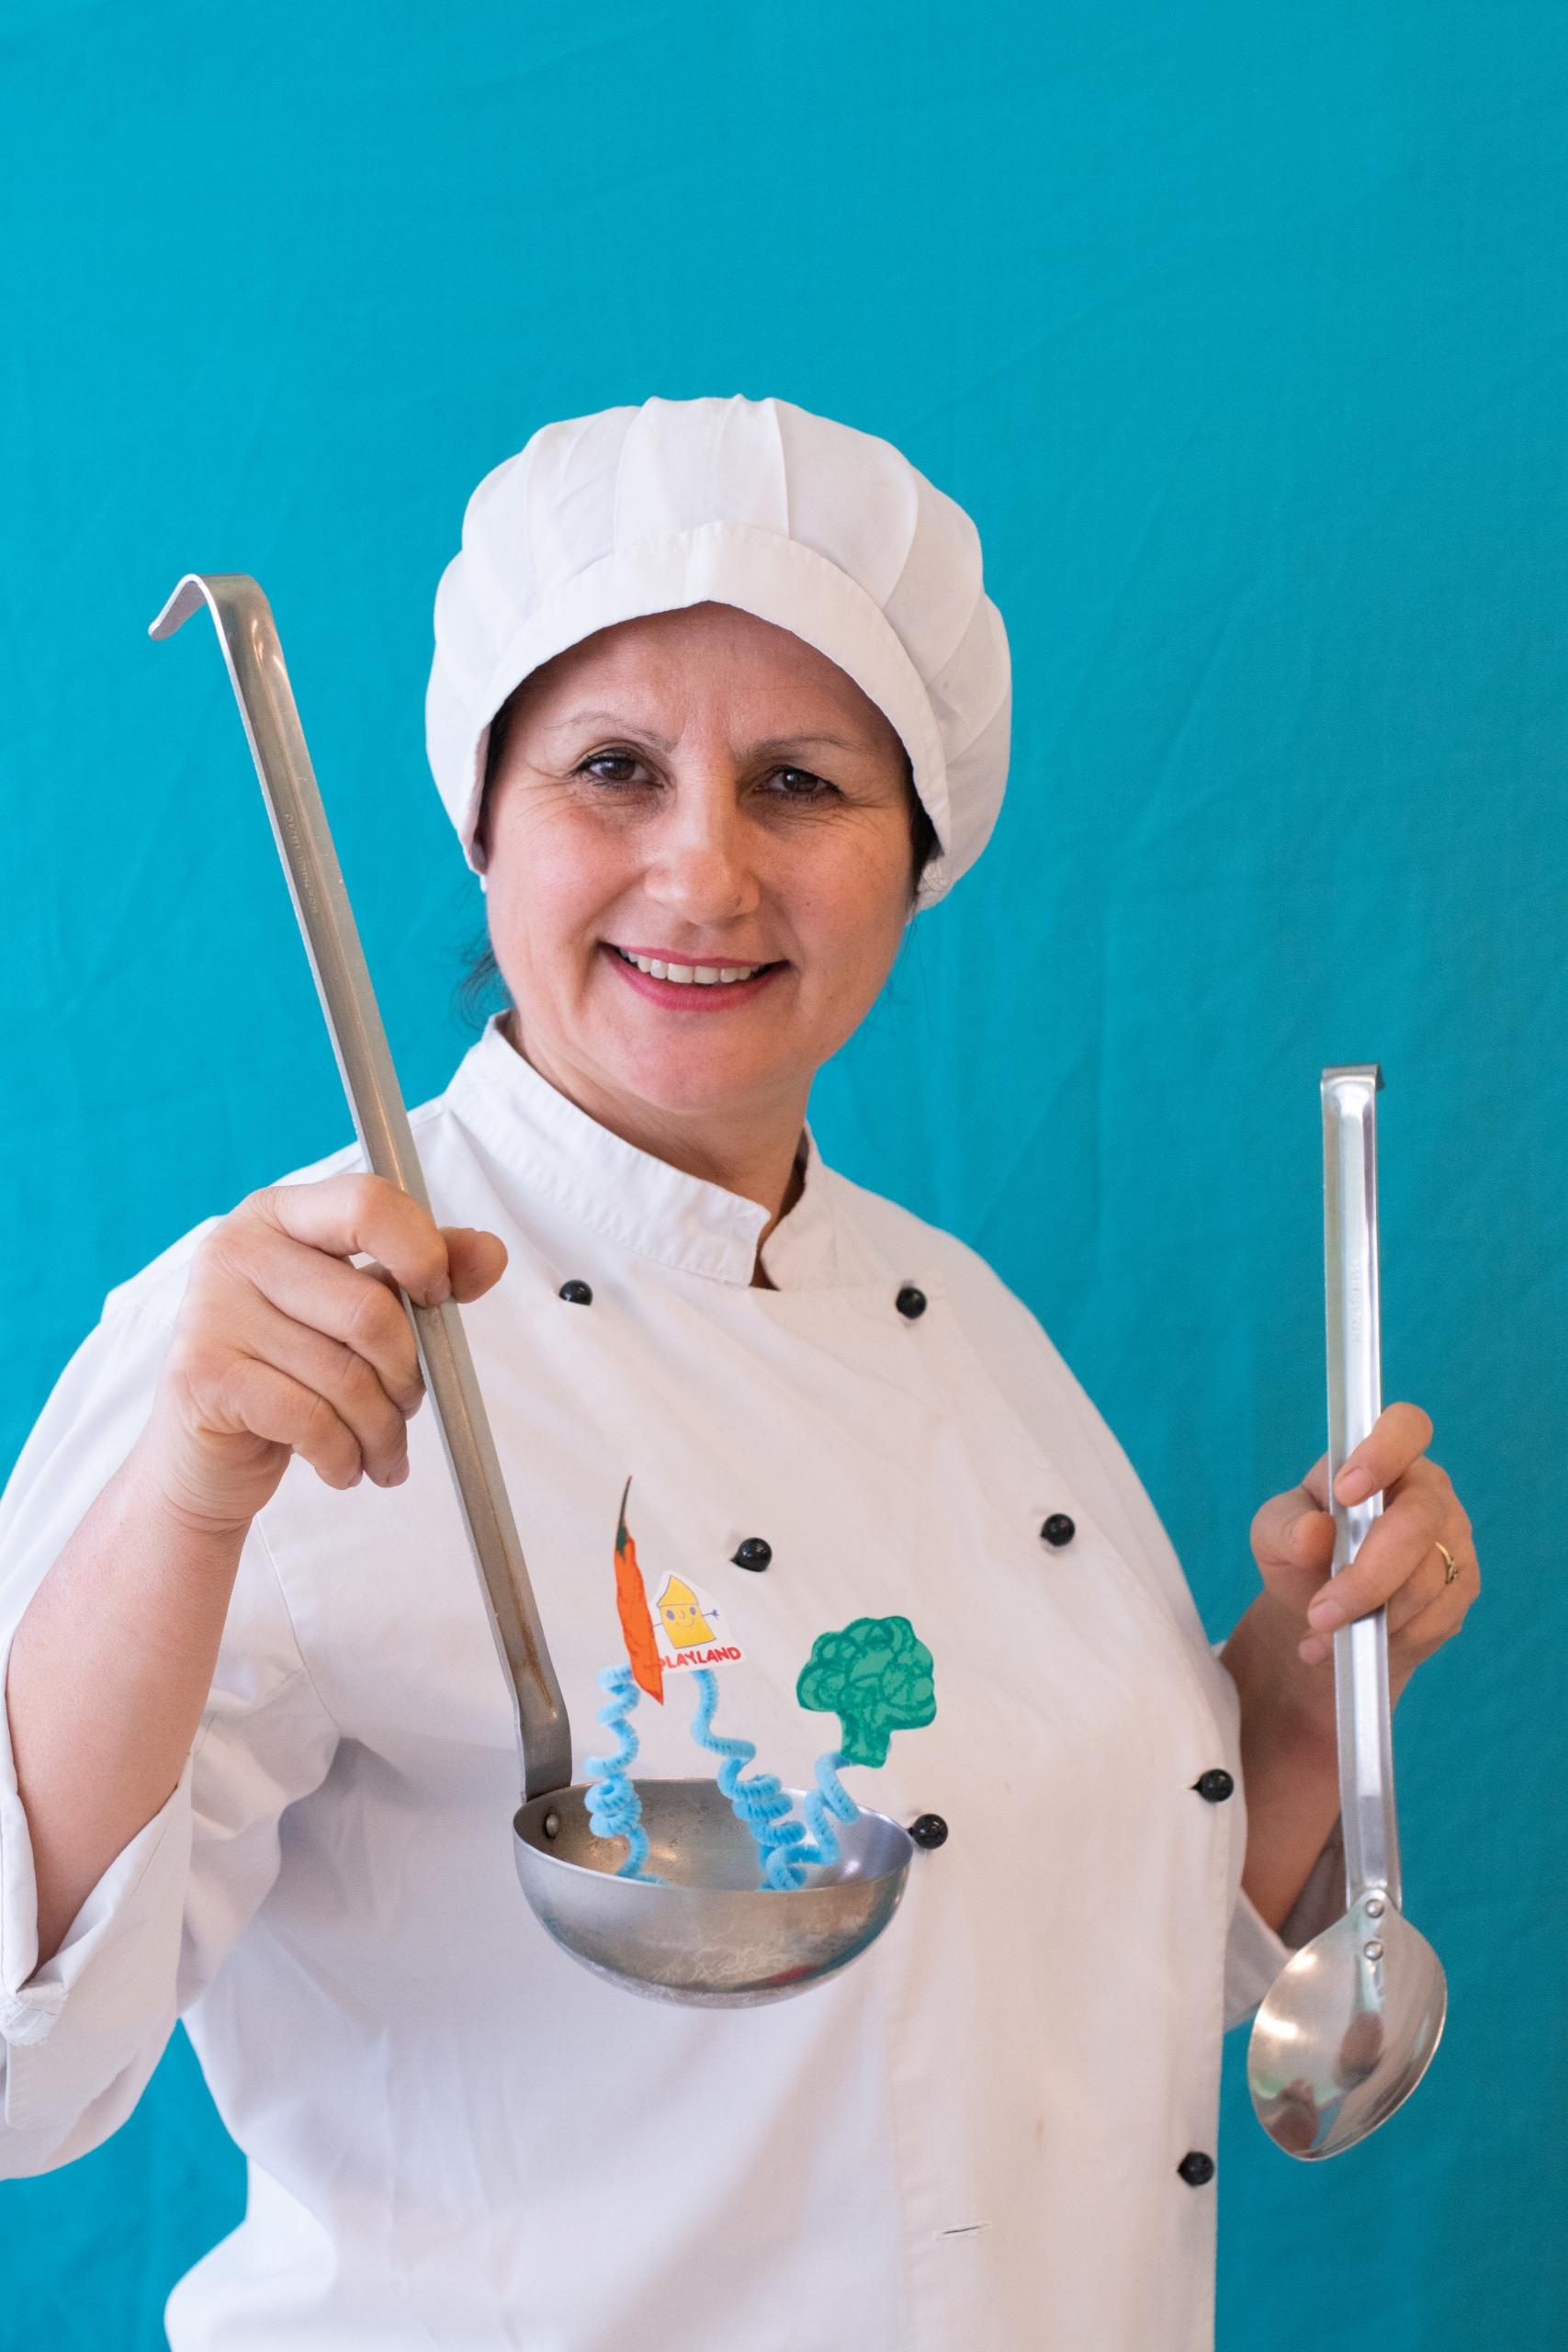 Σοφία Καζας - Μαγείρισσα